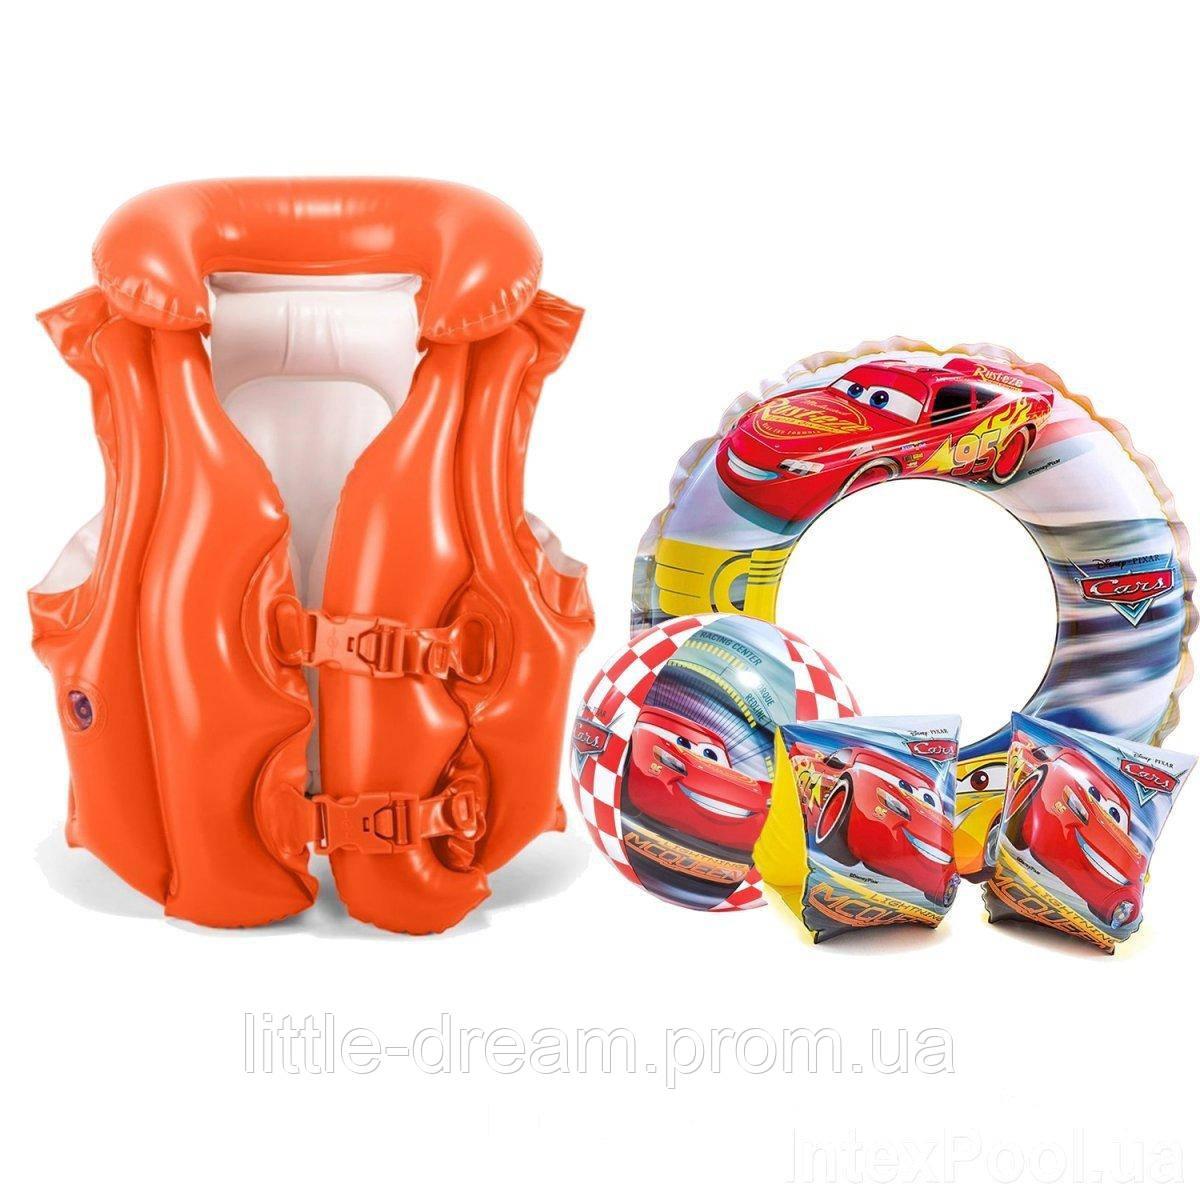 Надувной набор 4 в 1 Intex «Тачки» (надувной жилет, нарукавники, надувной круг, мяч)